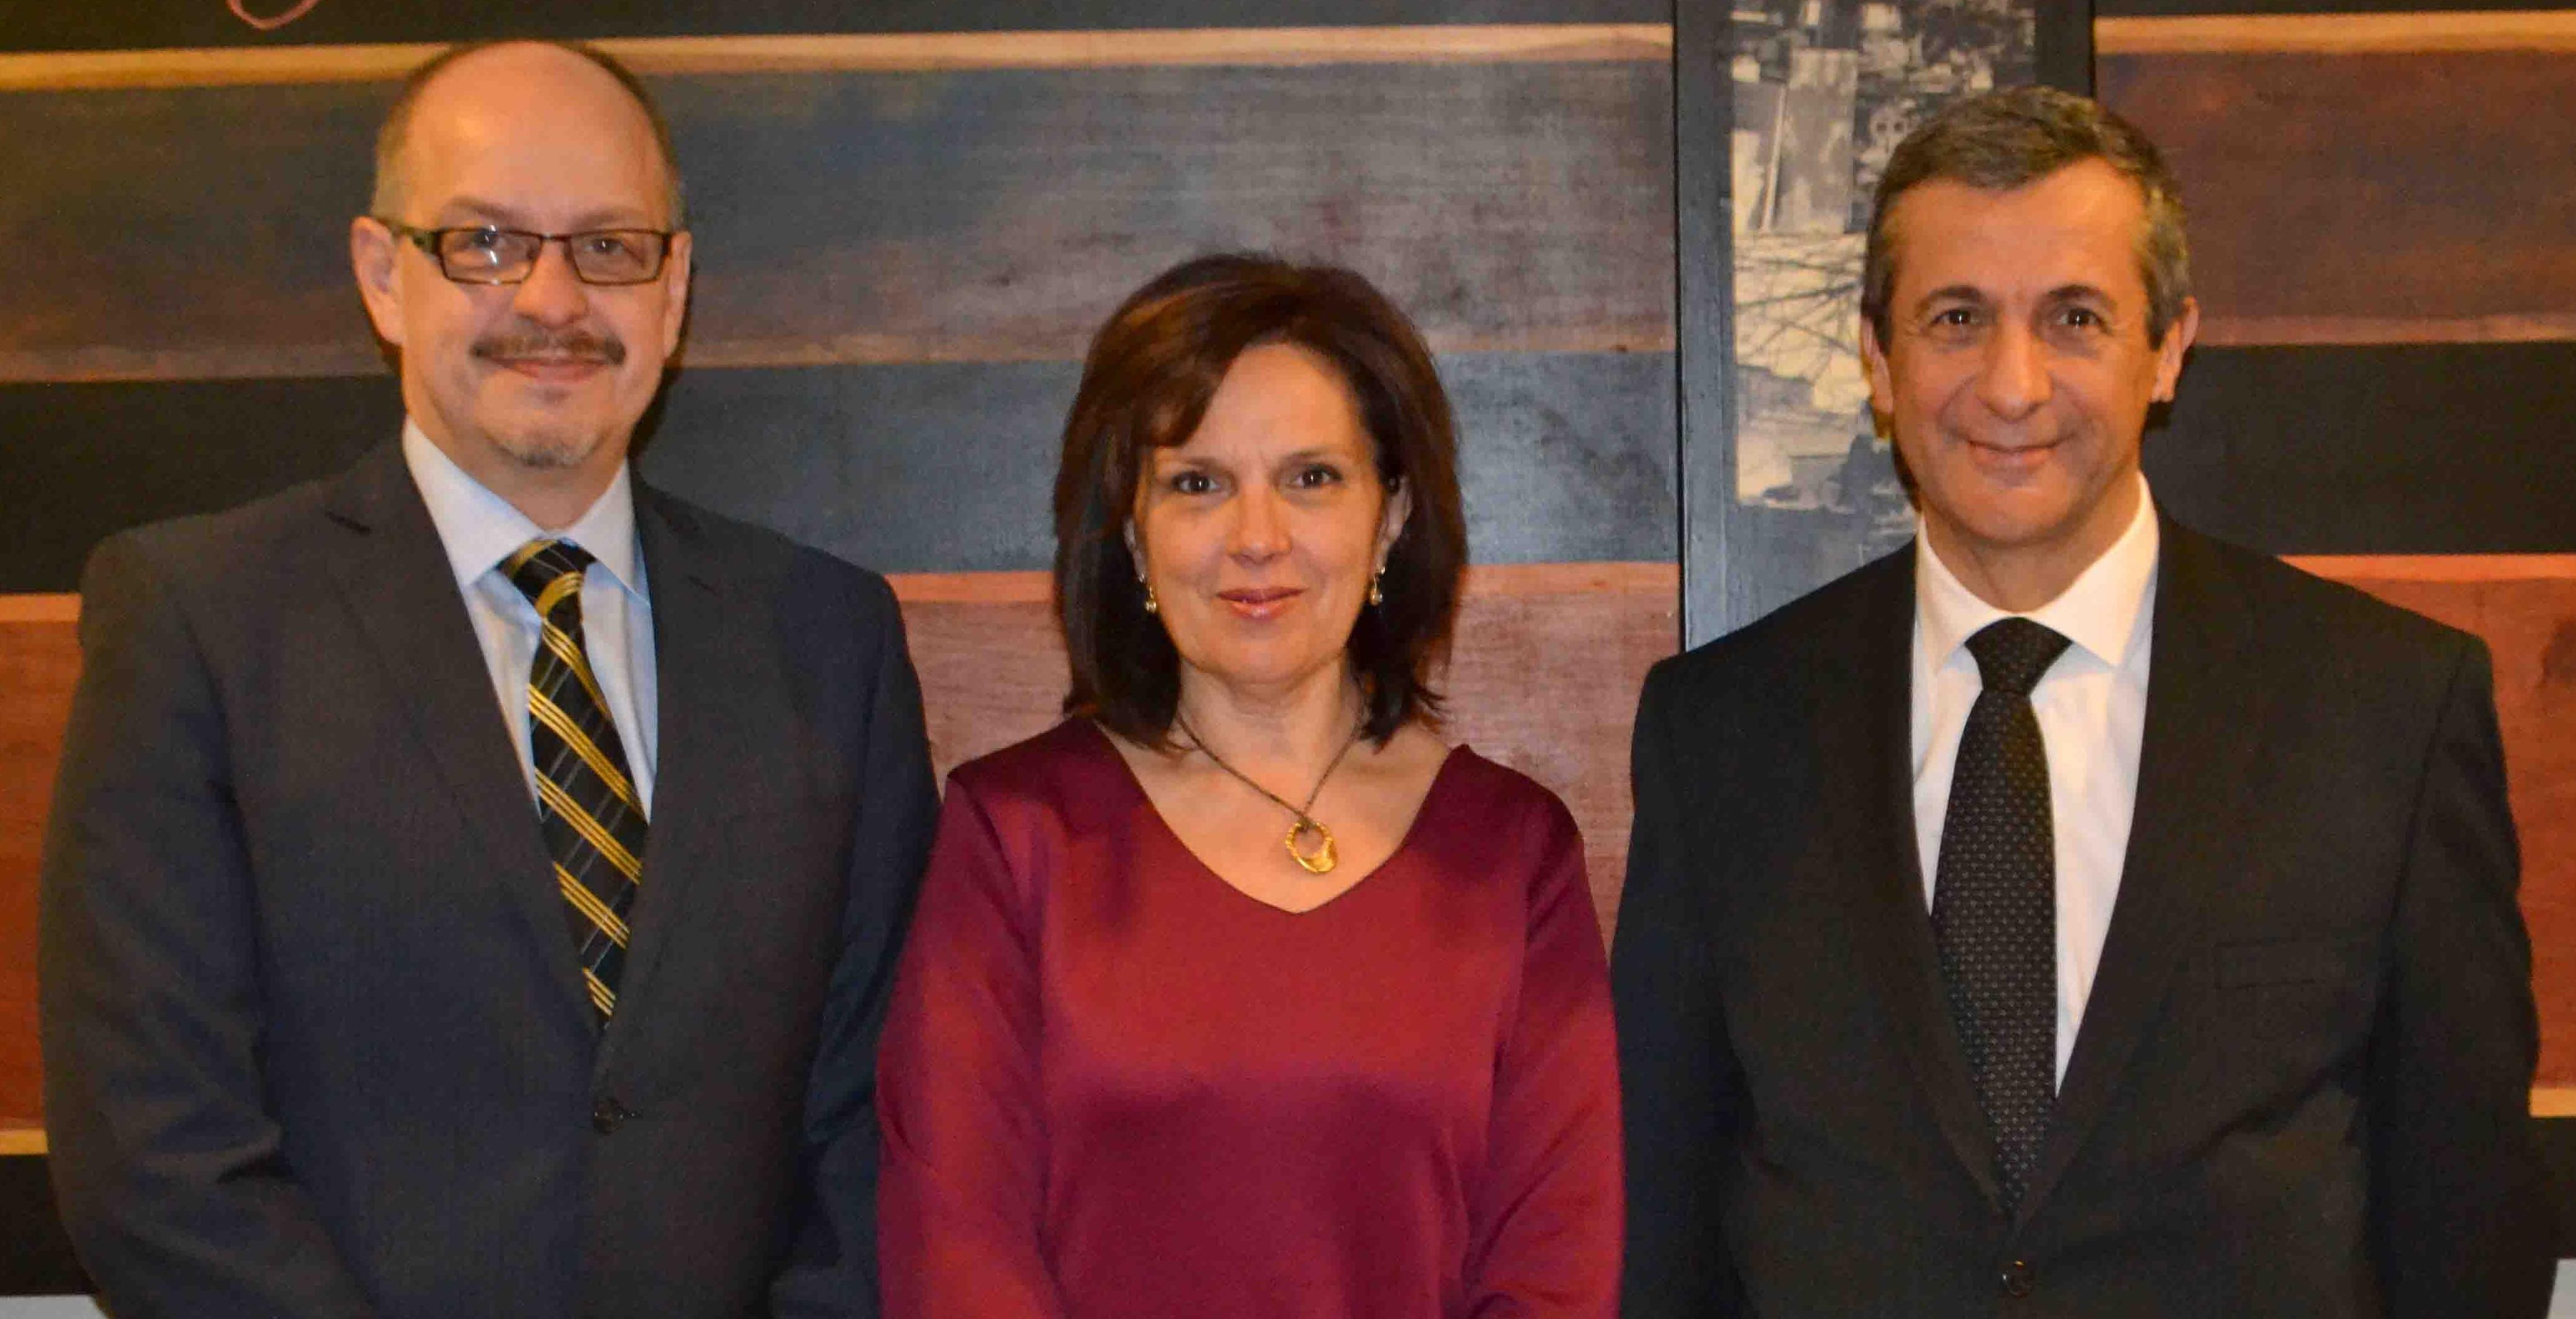 La alcaldesa de Quart de Poblet recibe al nuevo Director del Centro de Servicios de la ONU en Brindisi